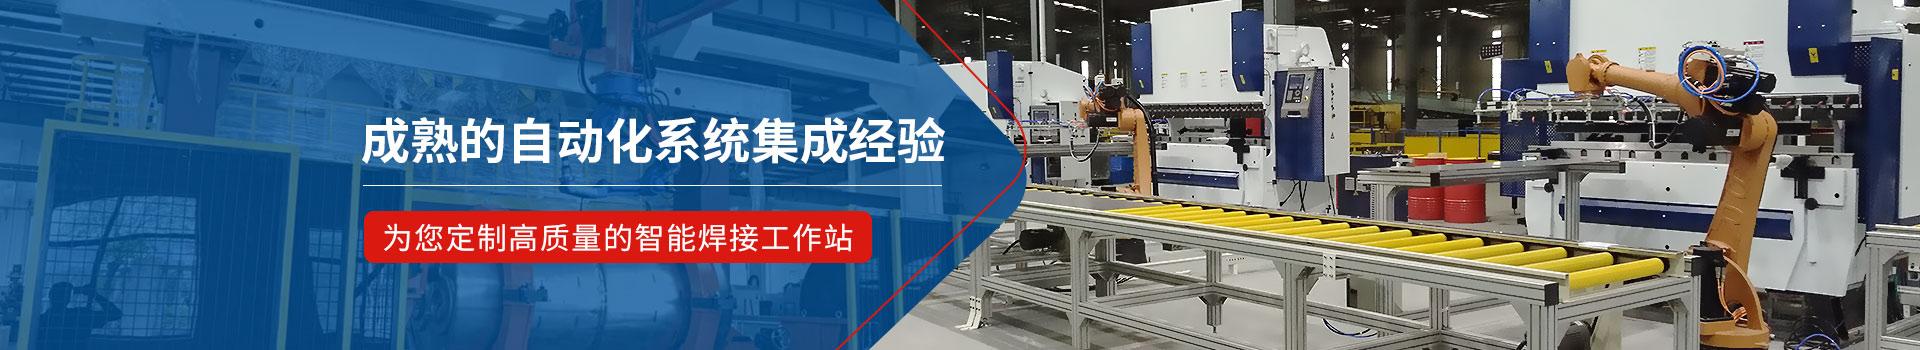 韦尔迪为您定制高质量的智能焊接工作站